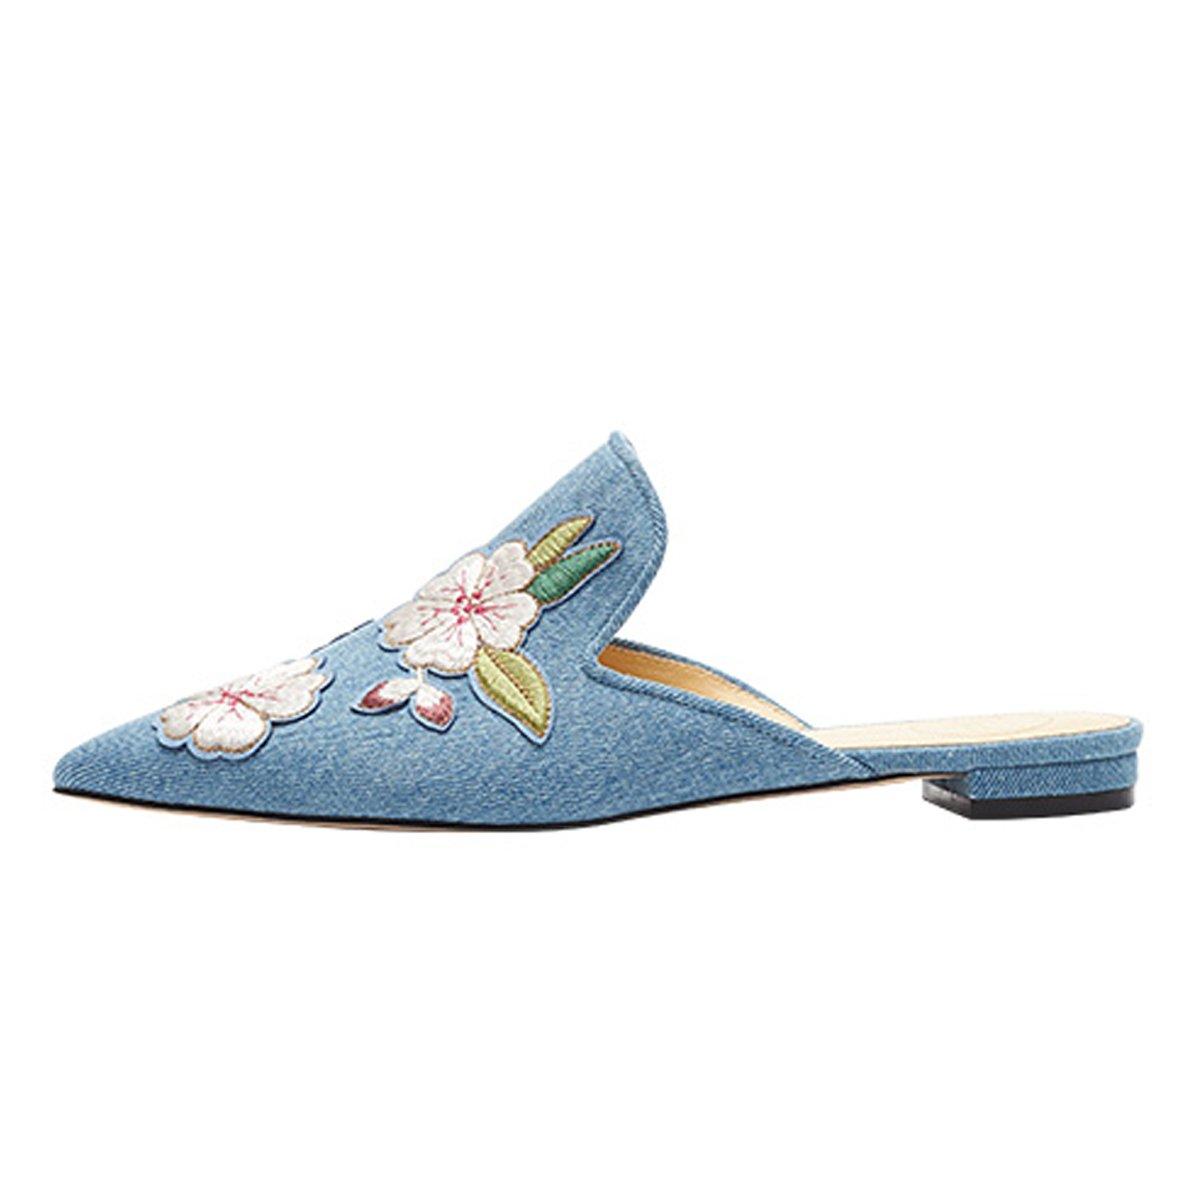 301a5abedaa51 Lovirs de las mujeres de terciopelo sin respaldo resbalón en los holgazanes  pisos bordado mule zapatillas zapatos Mezclilla